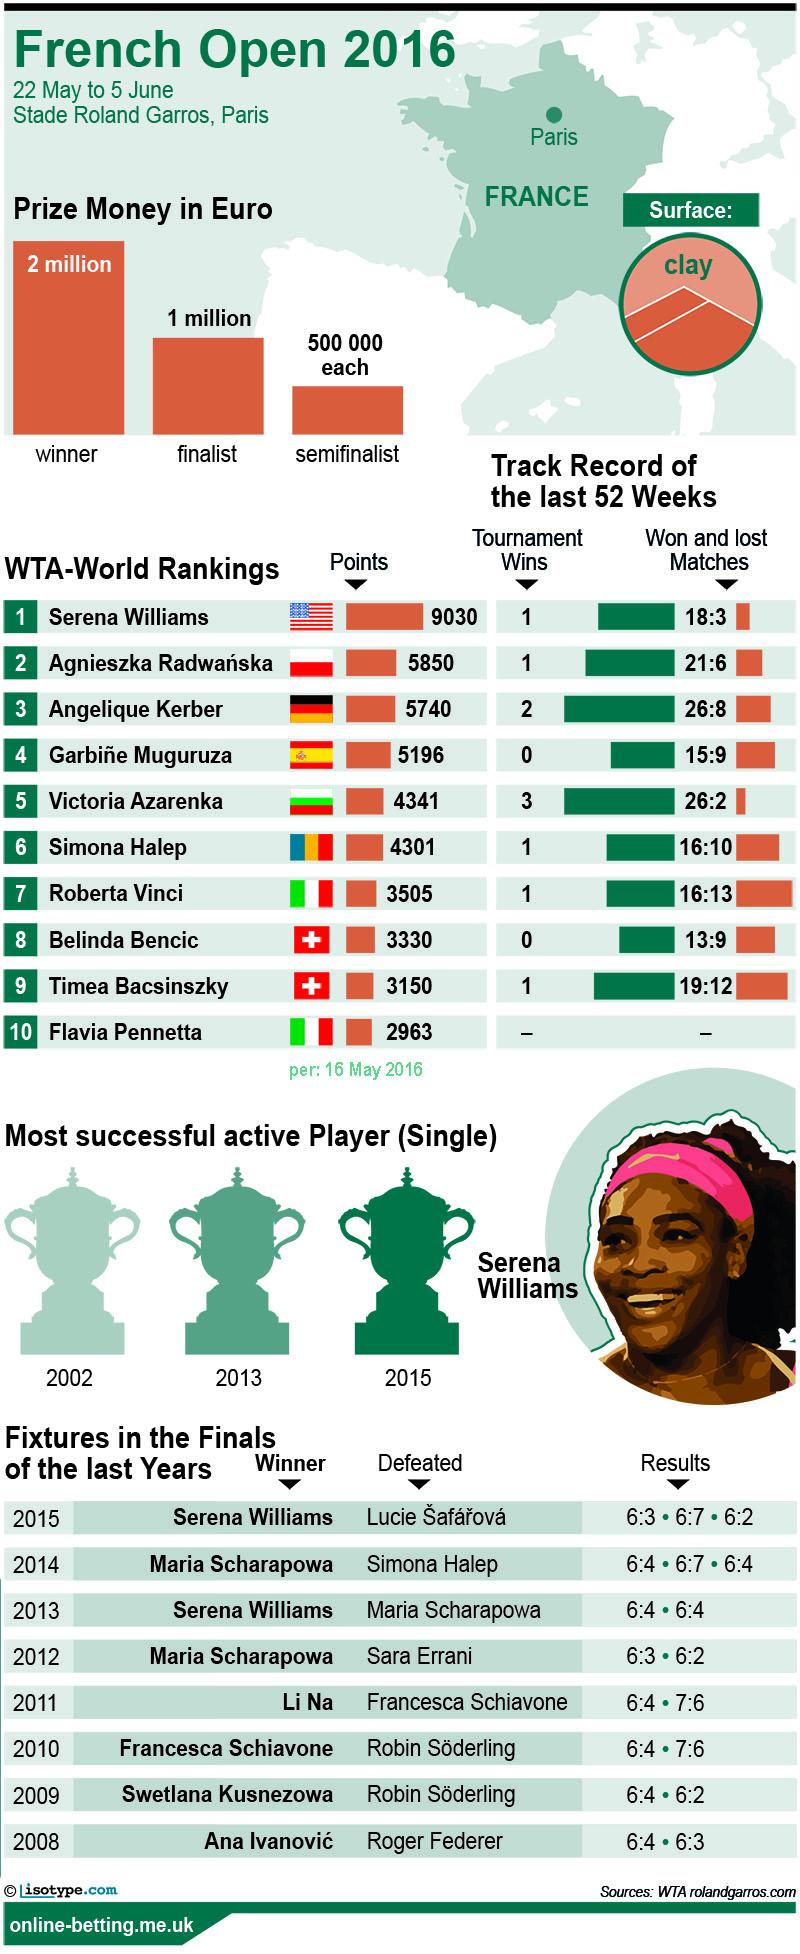 French Open 2016 Women's Singles